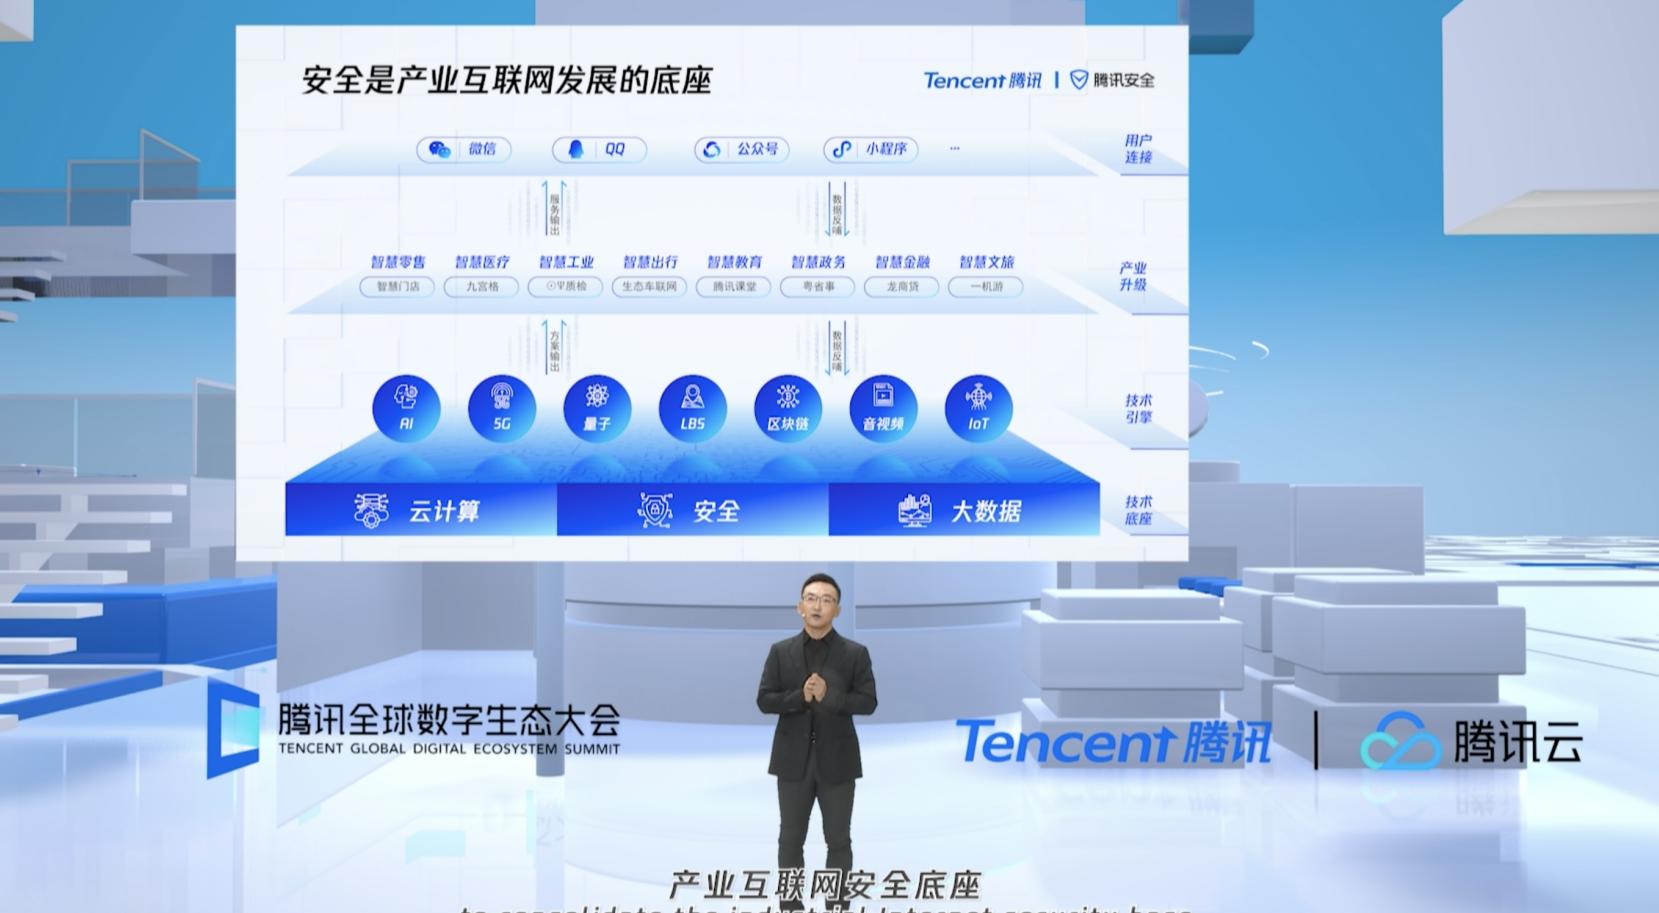 腾讯副总裁丁珂:新基建加速中国上云速度 云安全已成为安全主战场